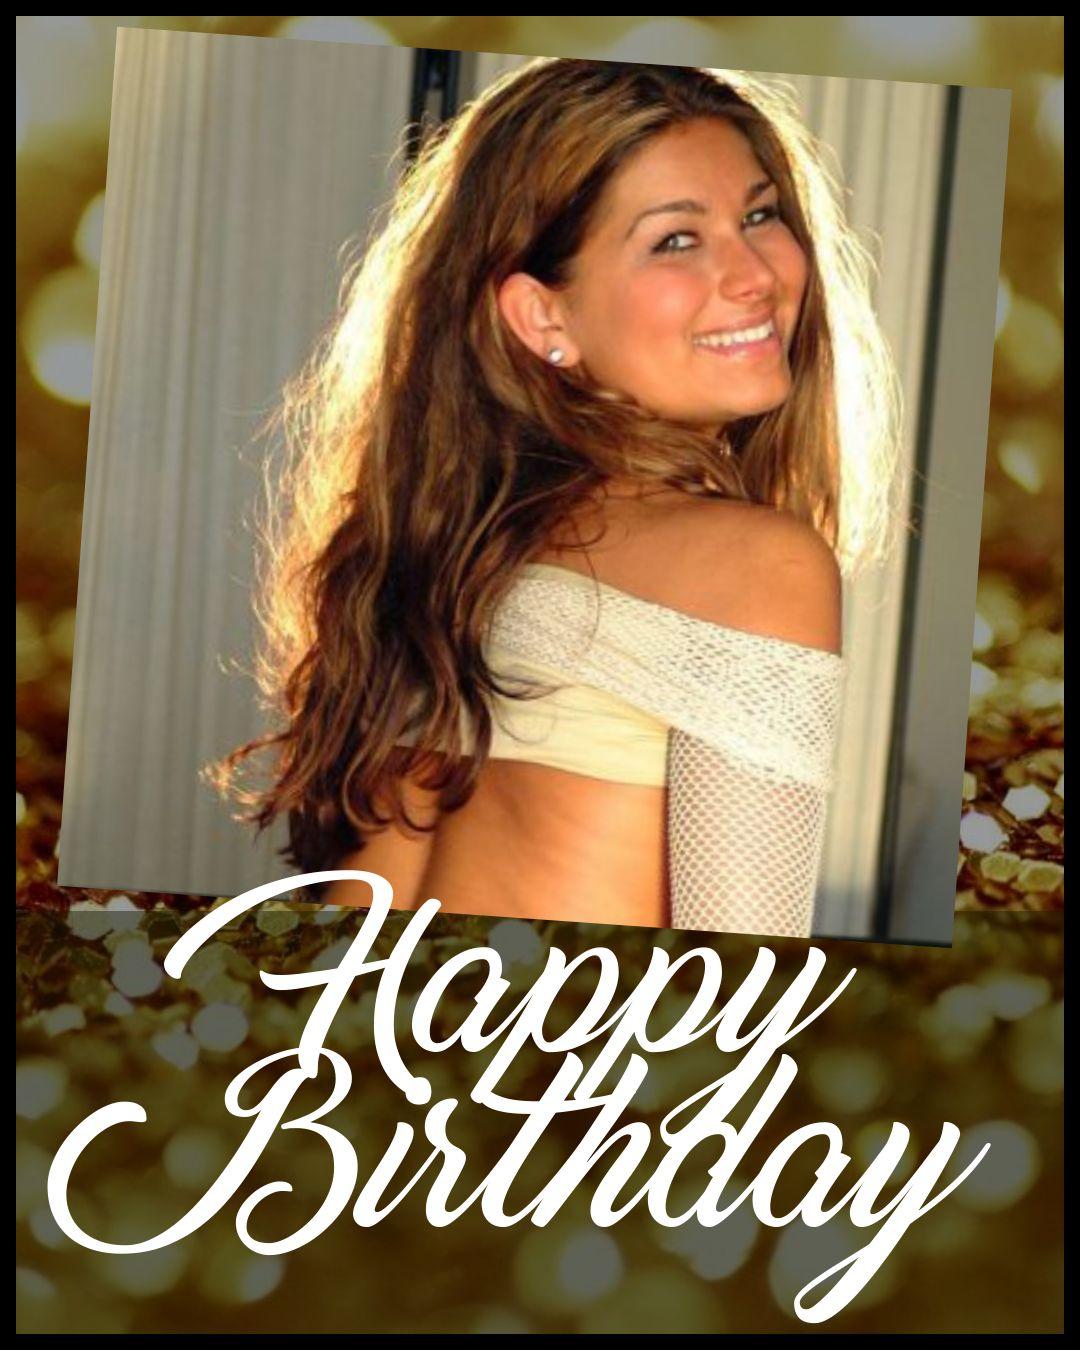 Happy Birthday, Mistress Brighton